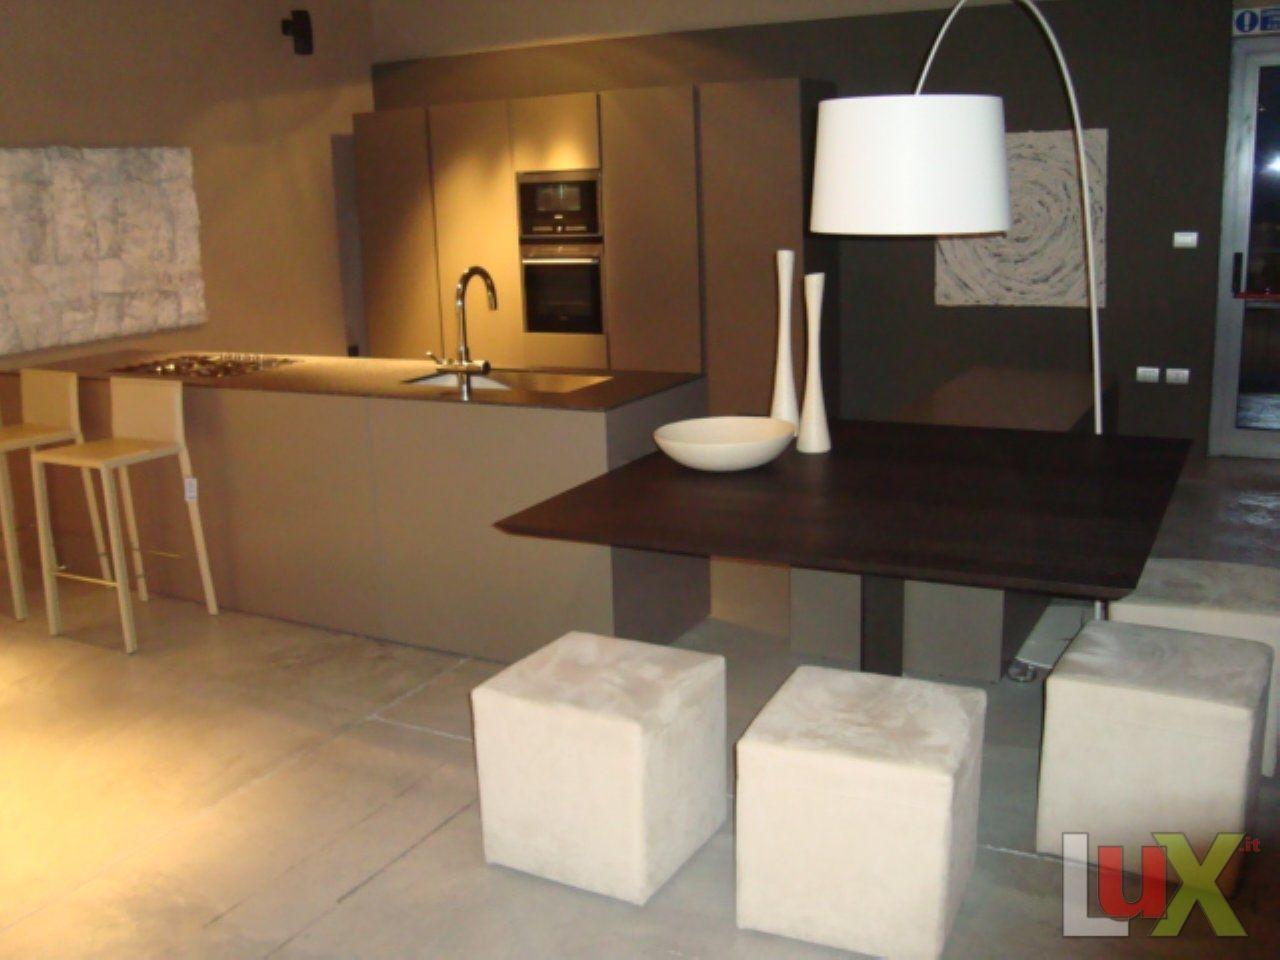 Cucina modello light sabbia for Cucina light